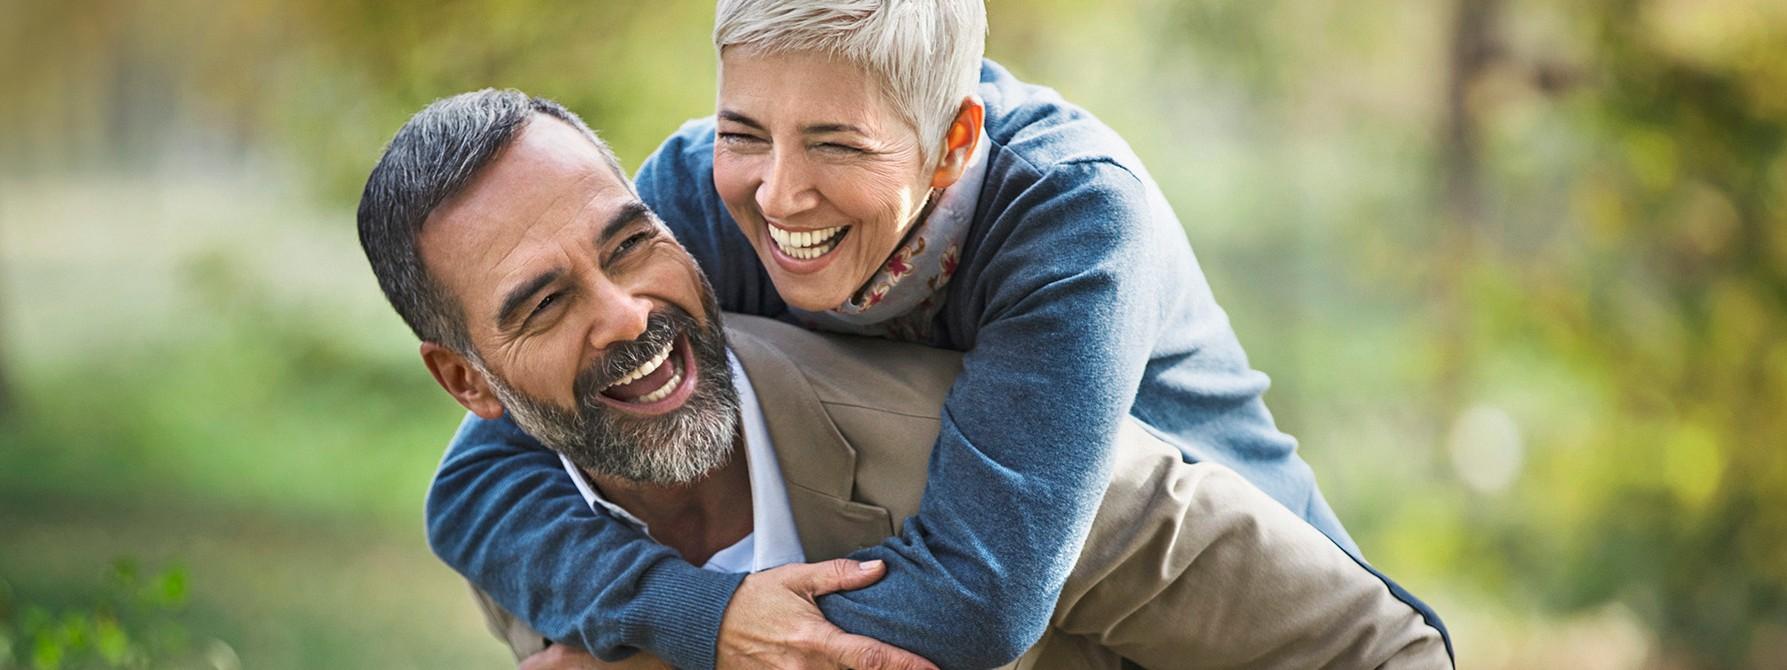 Älterer Mann trägt fröhlich lachend eine ältere, ebenso fröhlich lachende Frau Huckepack.